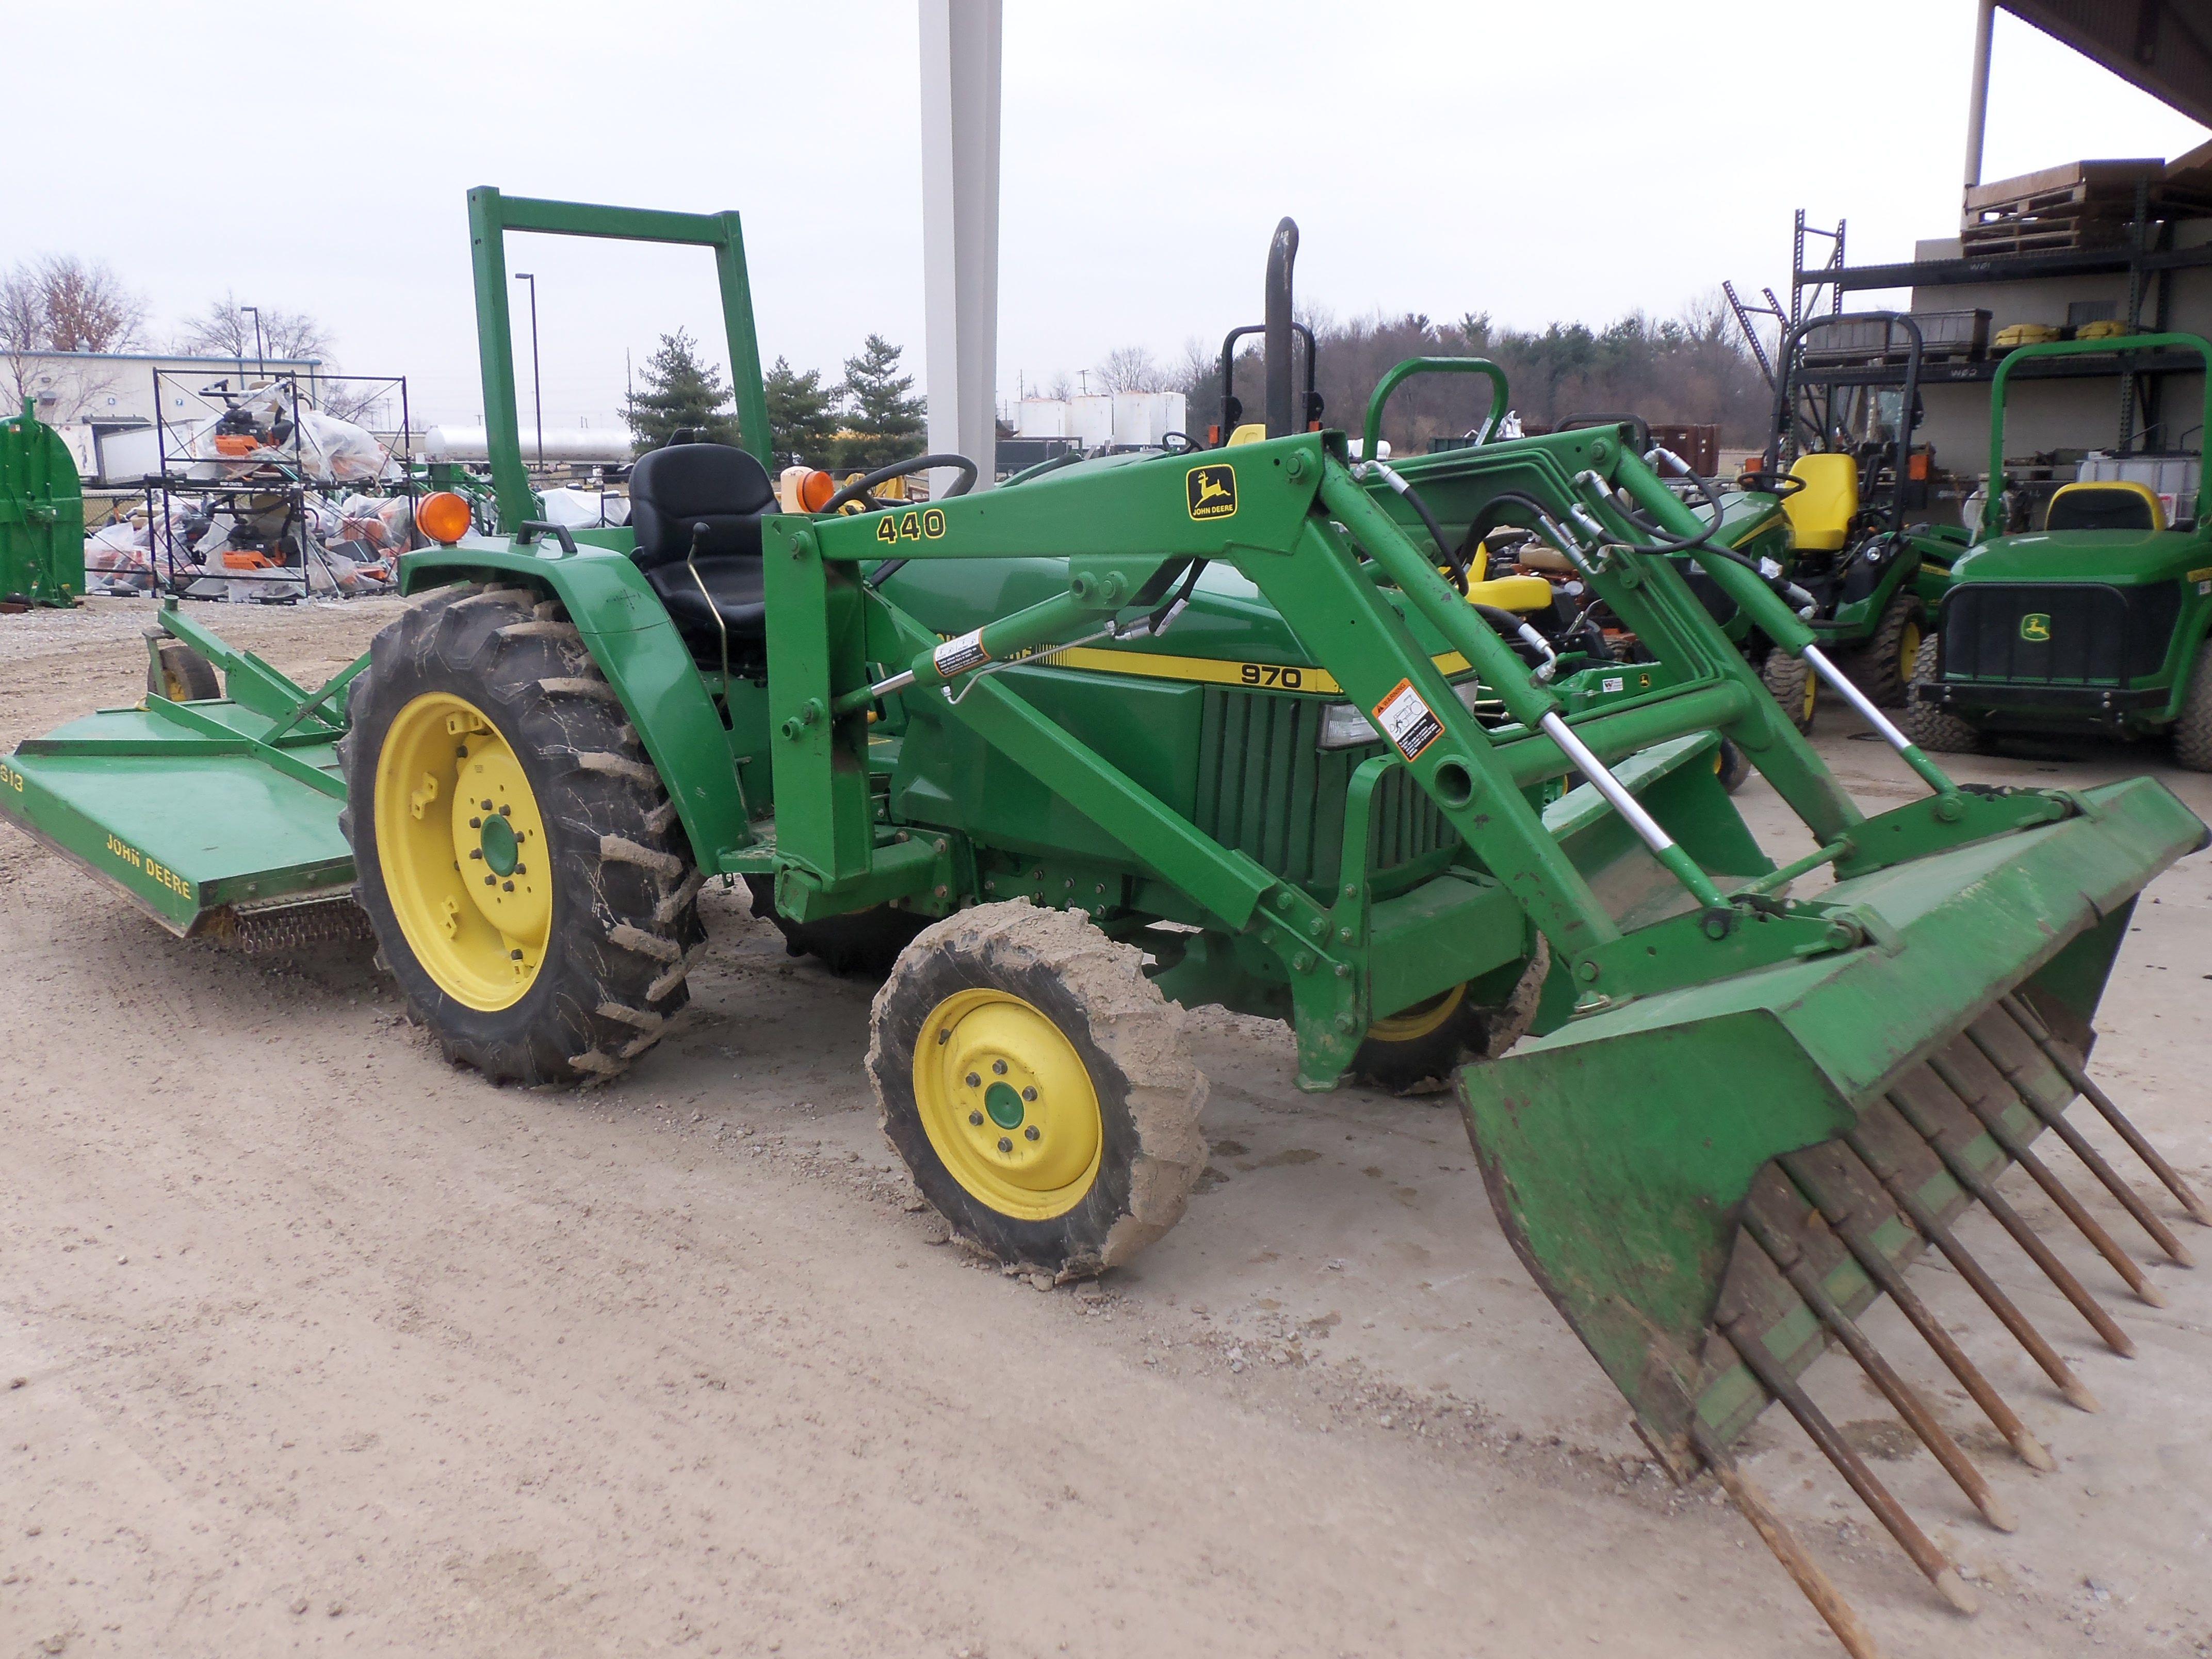 Massey ferguson 1250 pto manual ebook array john deere 970 tractor with 440 loader613 rear rotary mower john rh pinterest com fandeluxe Gallery